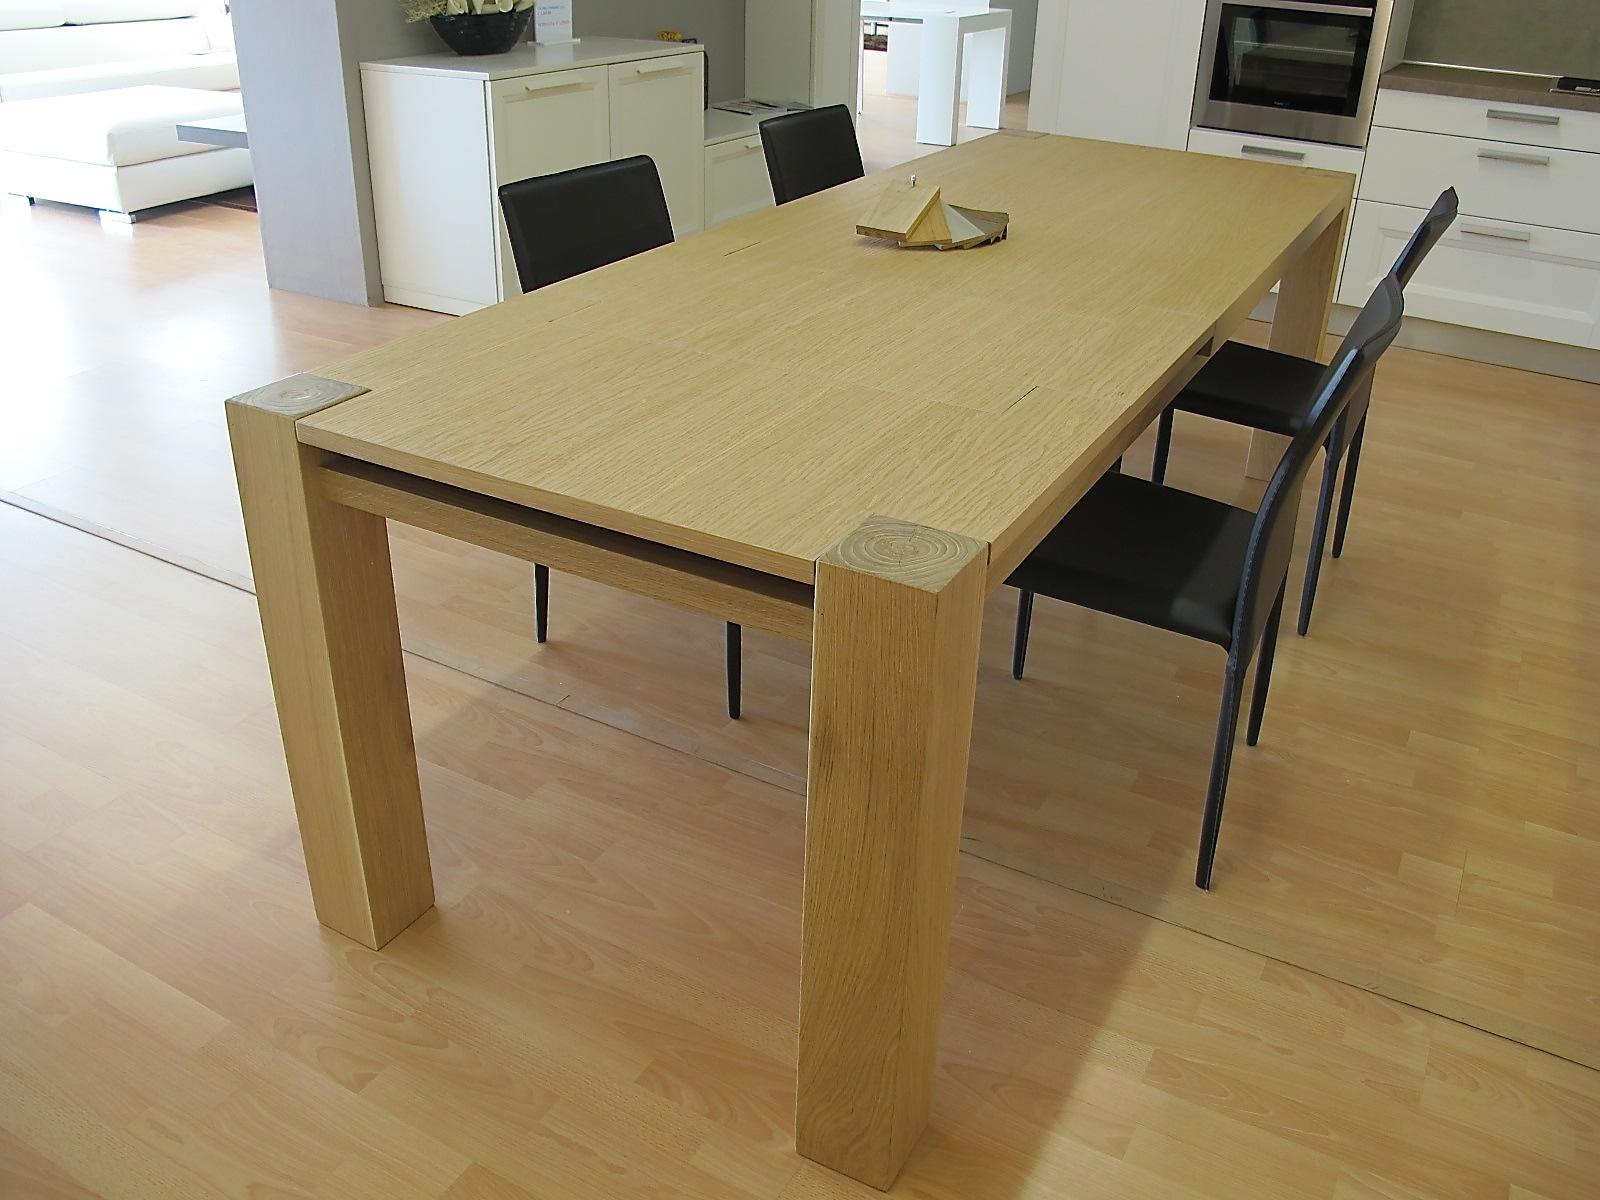 Tavolo in legno massiccio rovere allungabile tavoli a prezzi scontati - Tavolo in legno massello prezzi ...